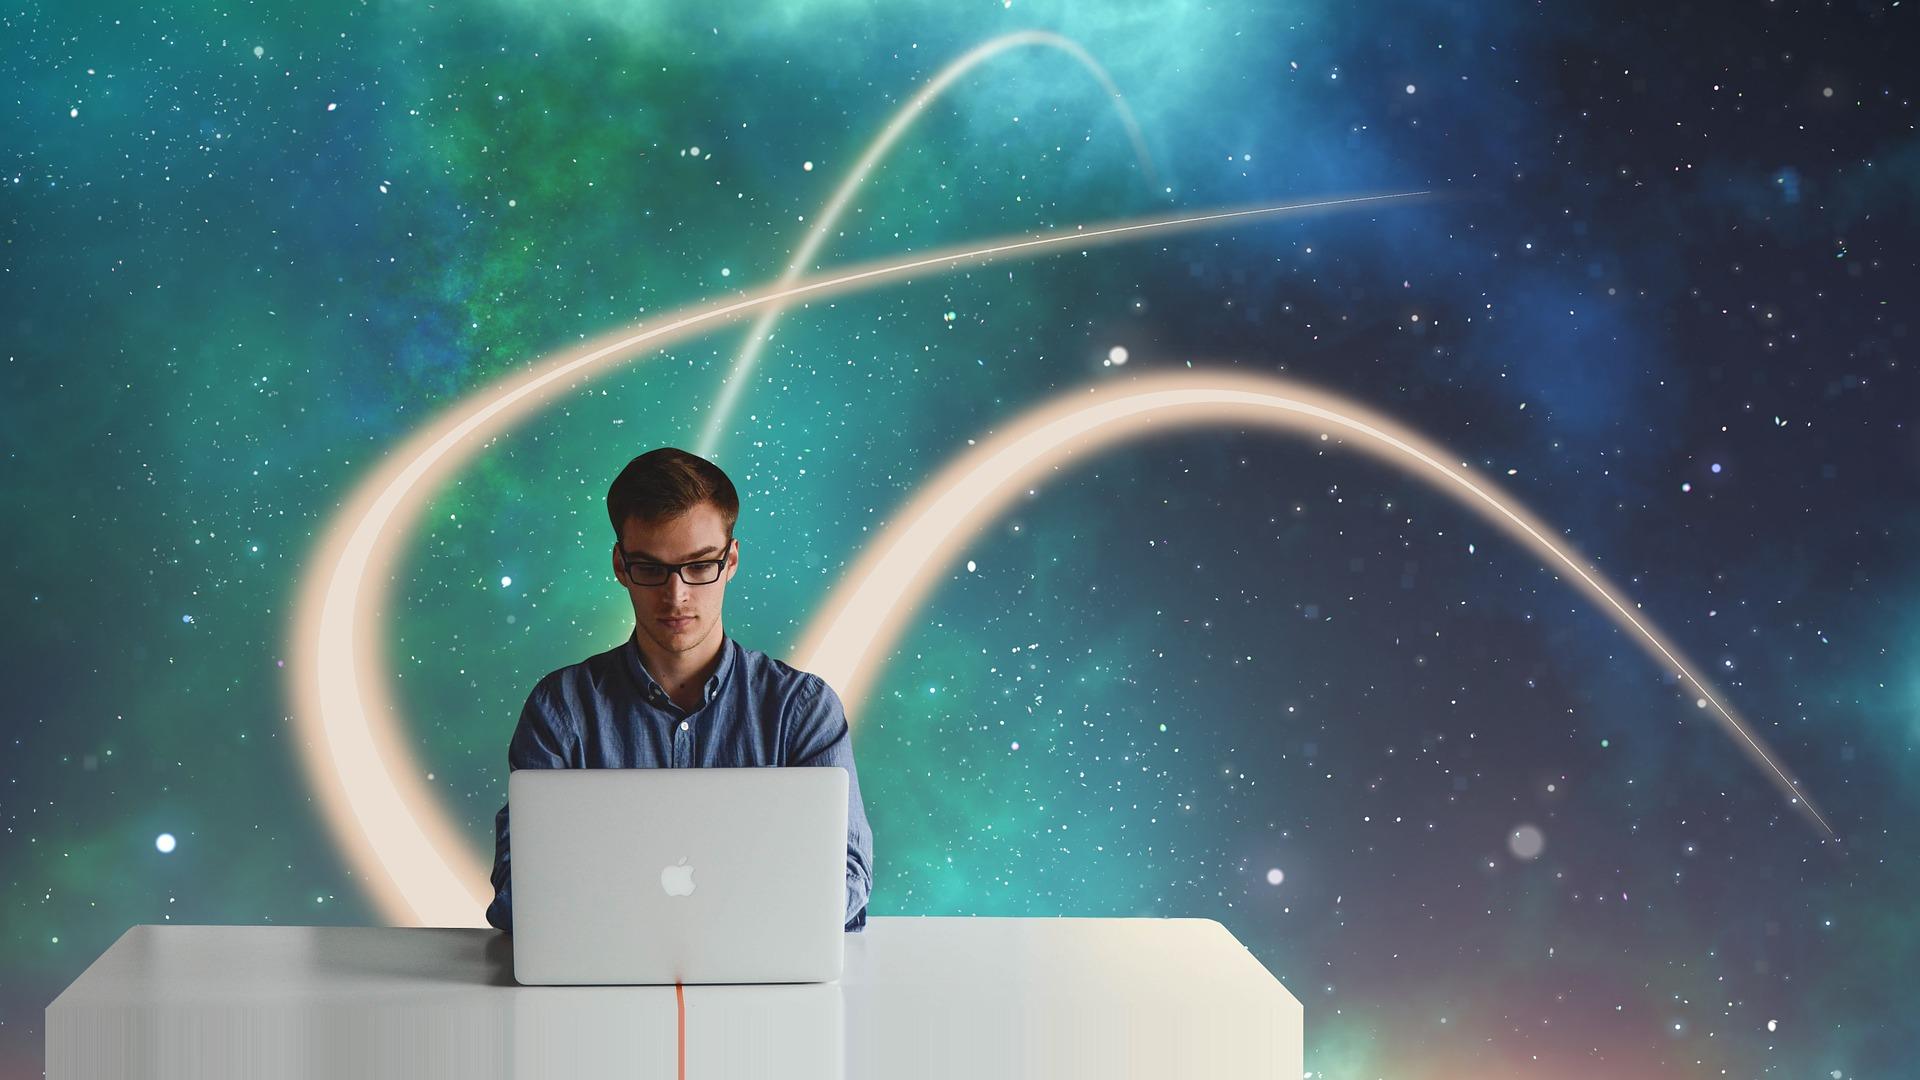 EXLIBRA - Как зарегистрировать фирму через Интернет? Пошаговая инструкция